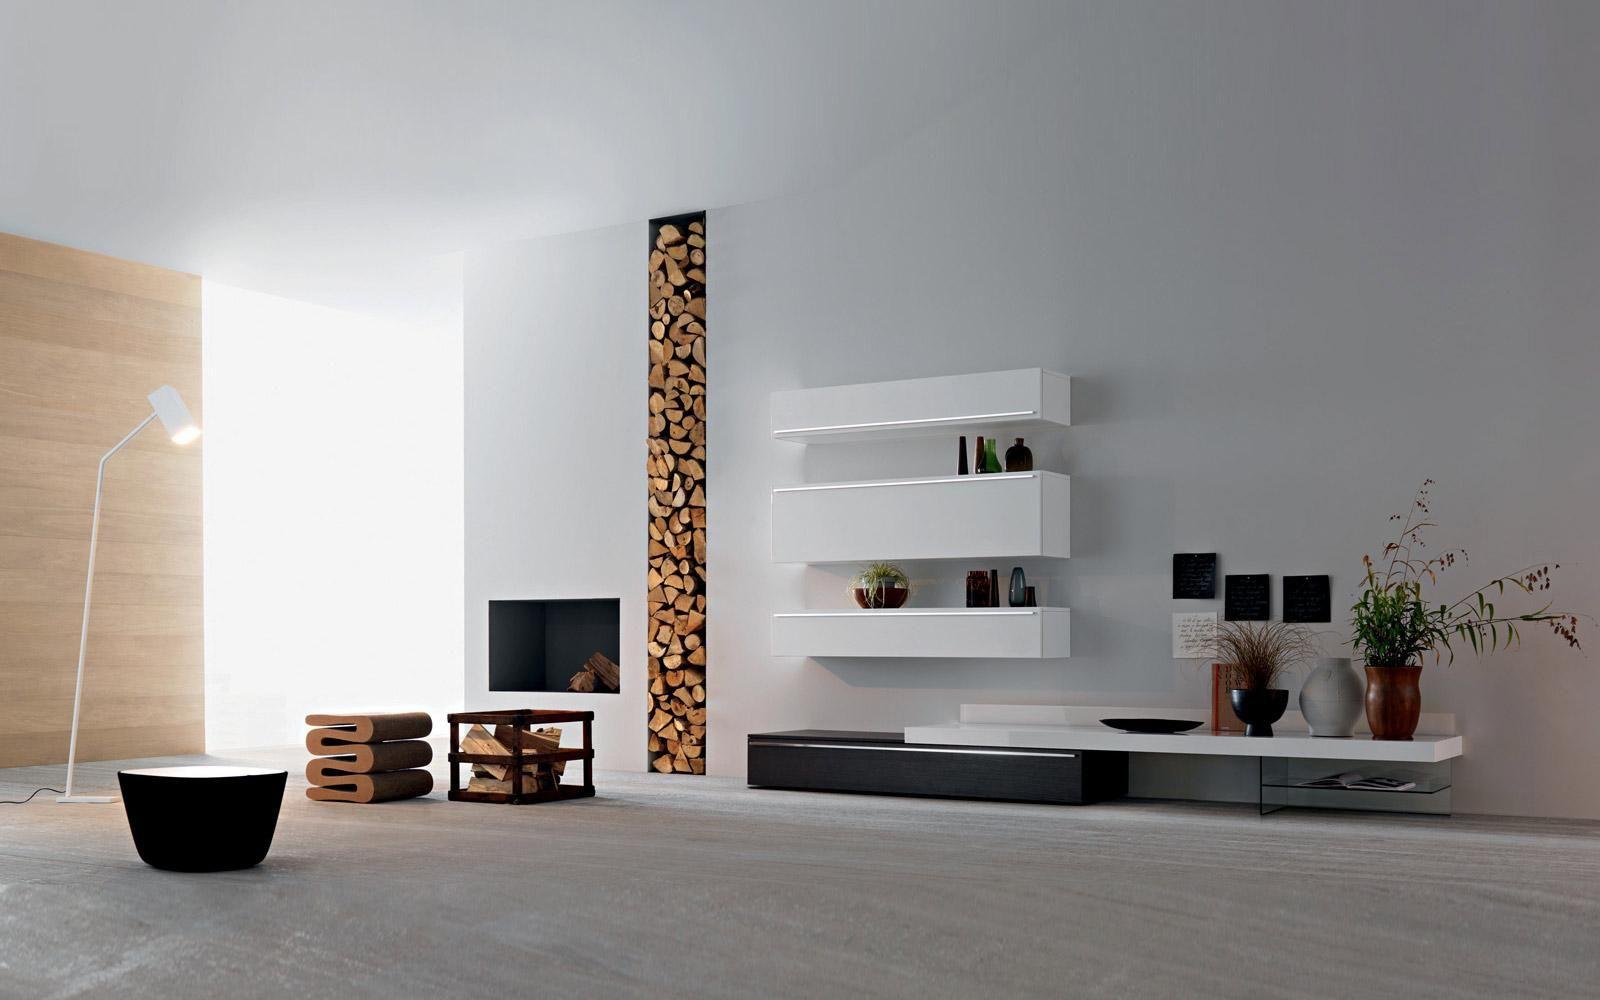 wohnzimmer tv wand modernidee wohnzimmer gestalten  TV